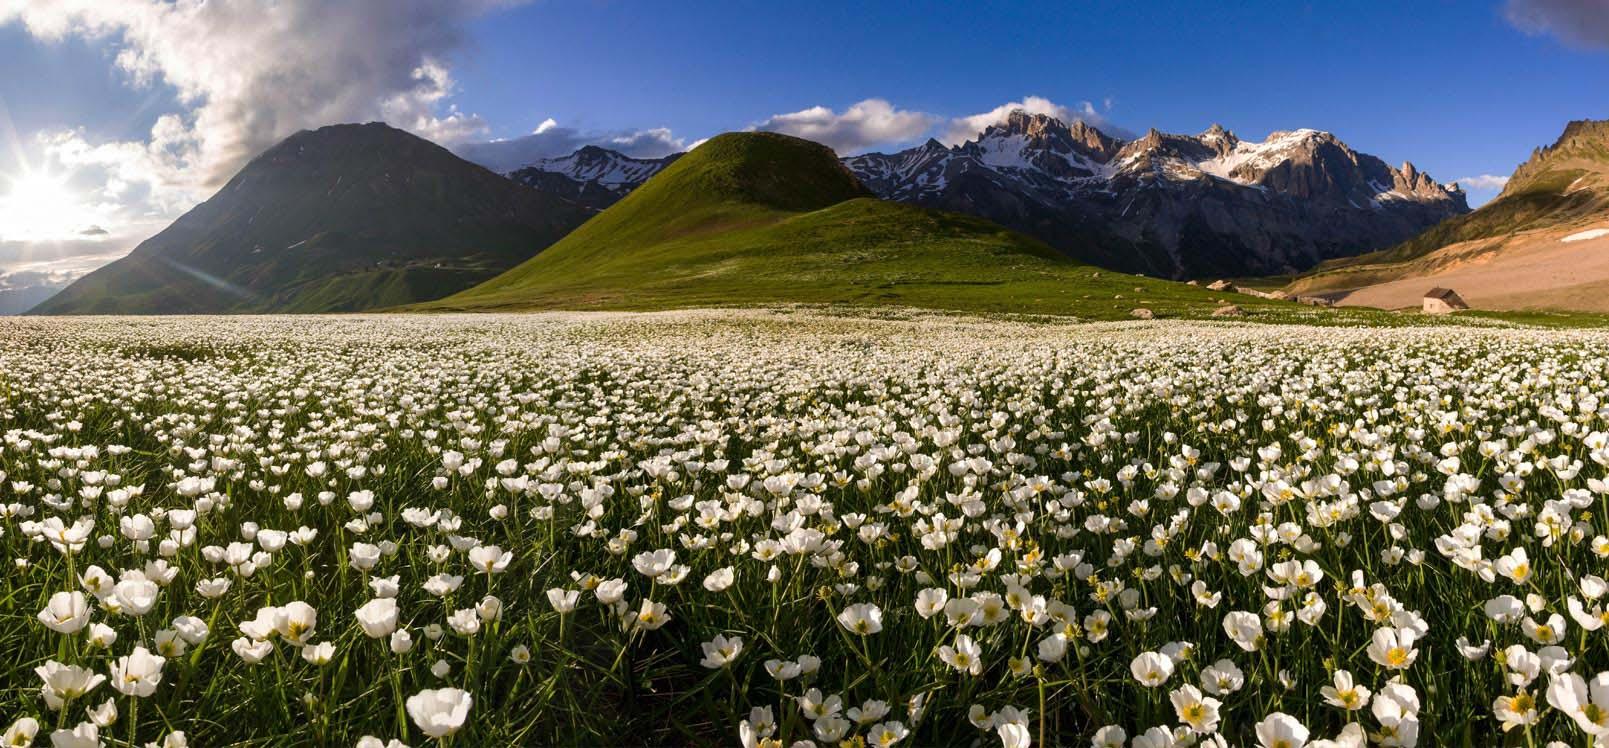 Faune et flore de montagne Hautes-Alpes